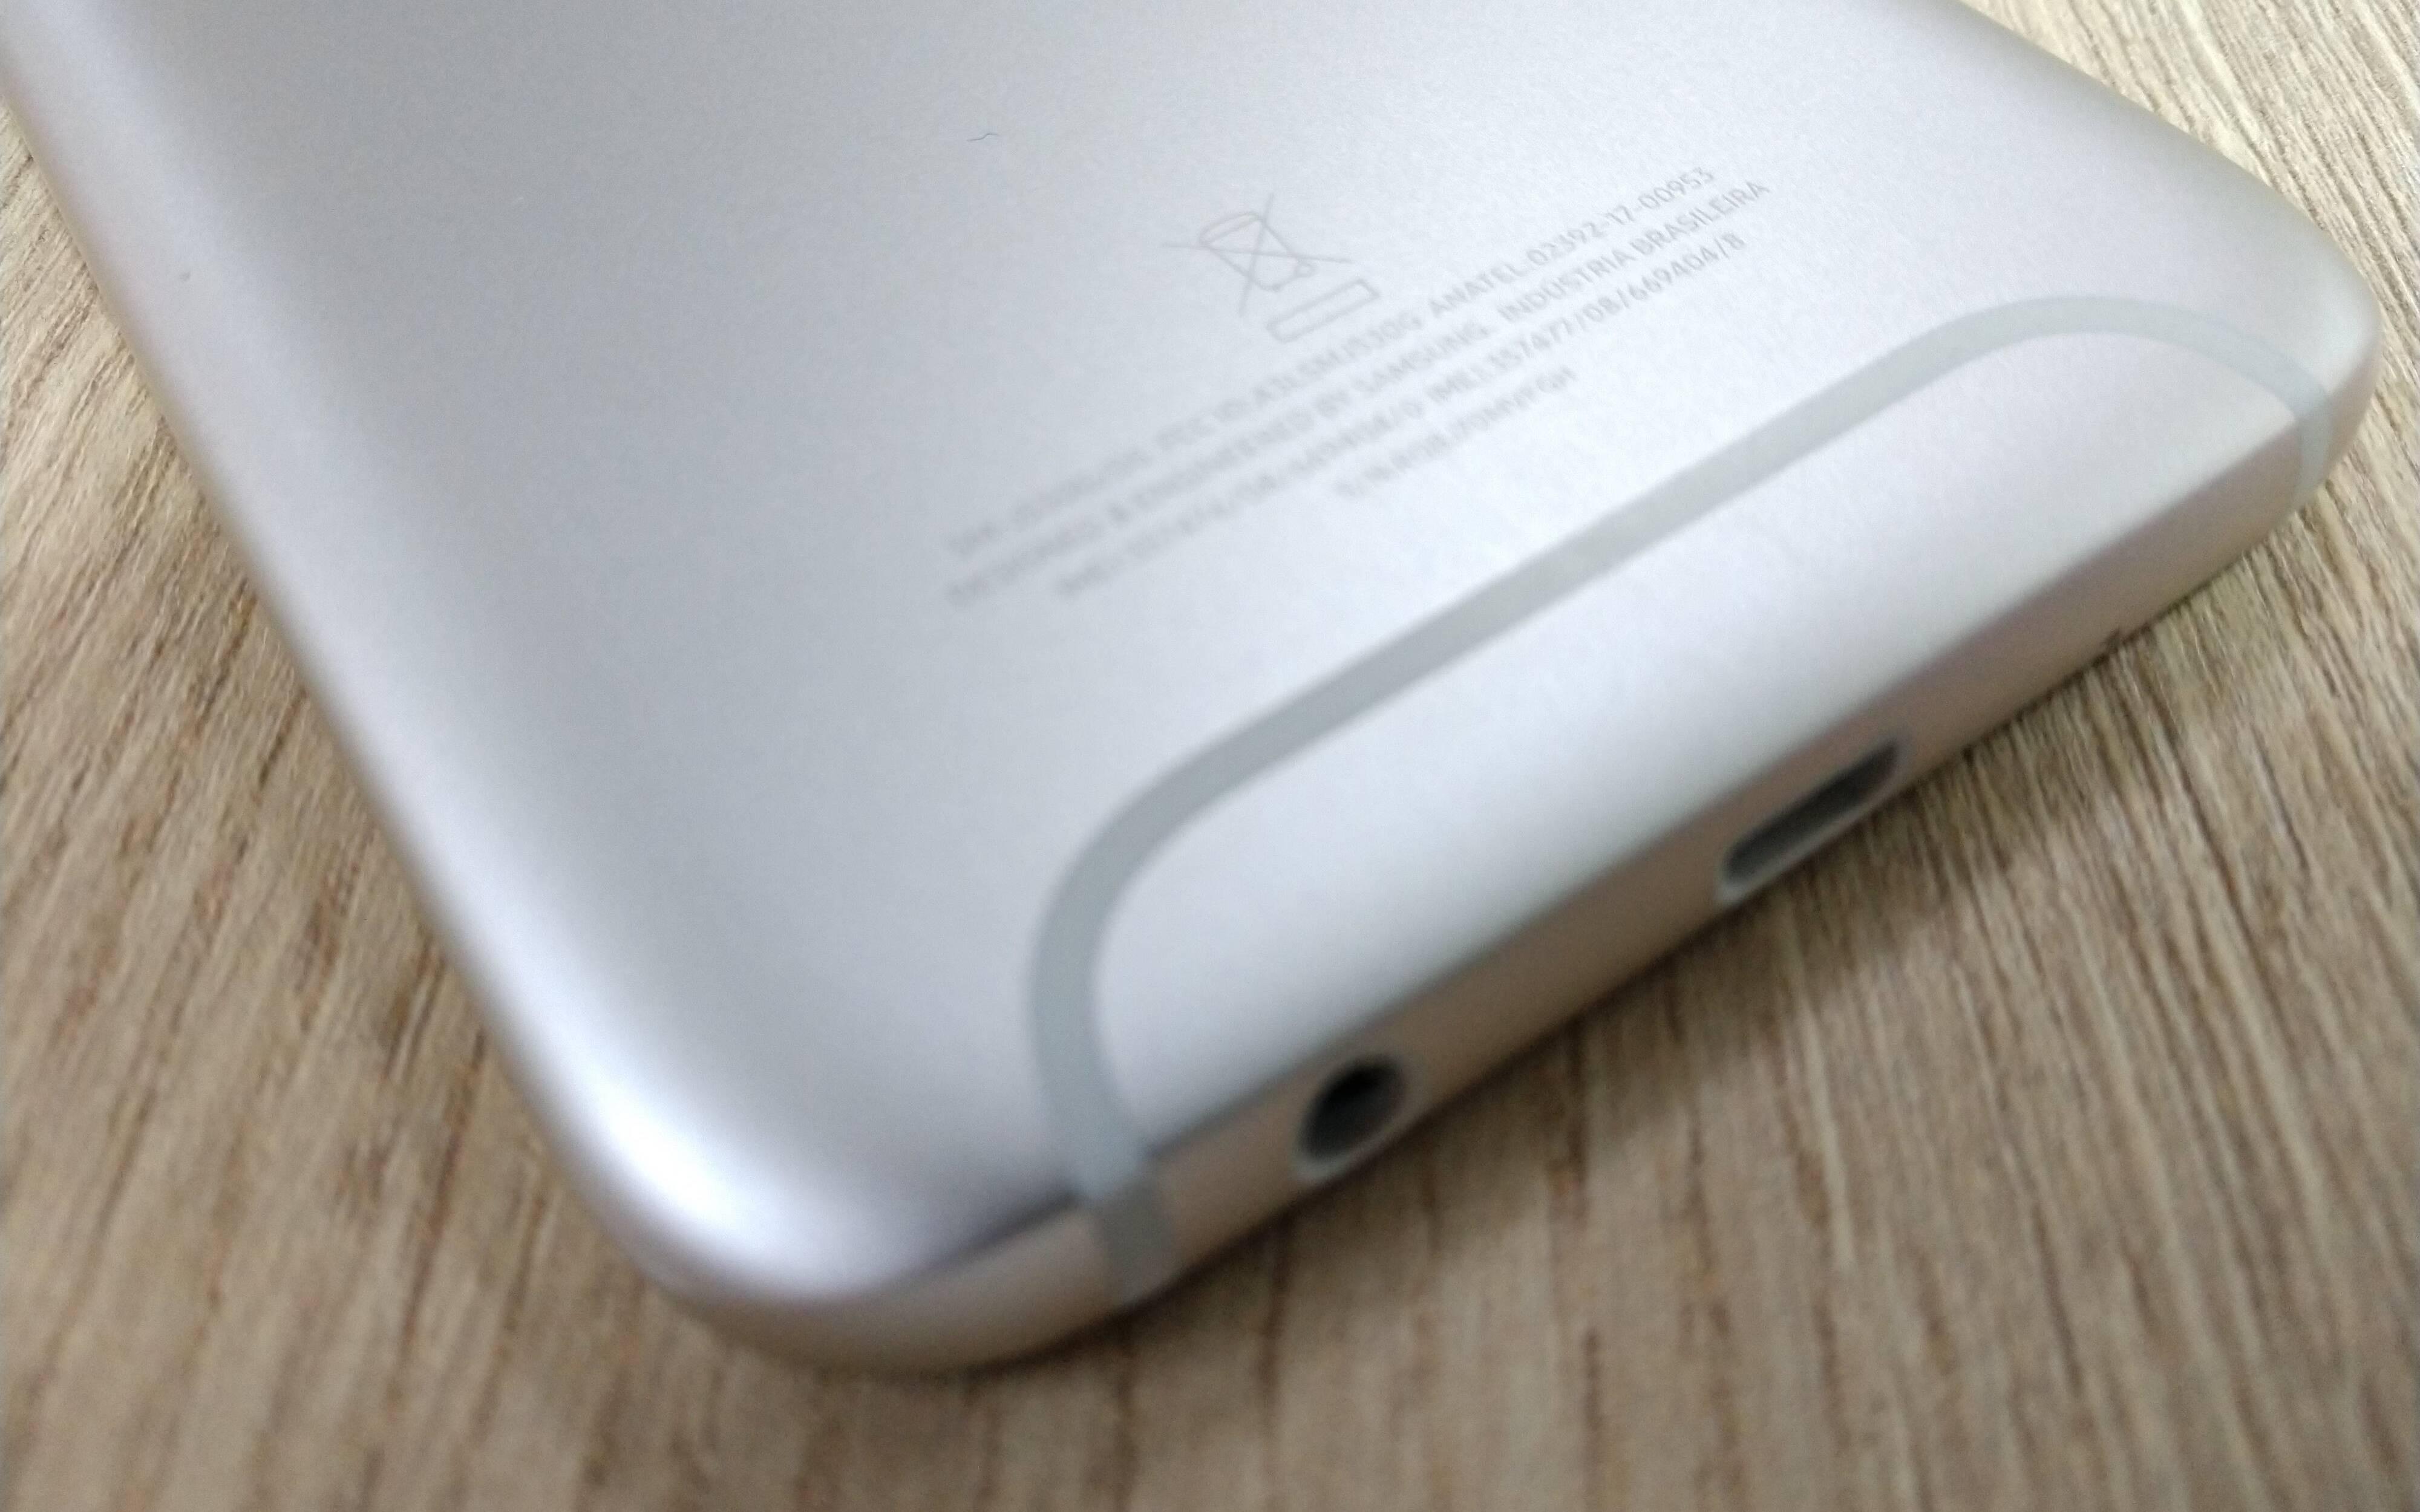 Galaxy J5 Pro tem 32 GB de armazenamento e até 256 GB com cartão microSD. Foto: Victor Hugo Silva/Brasil Econômico